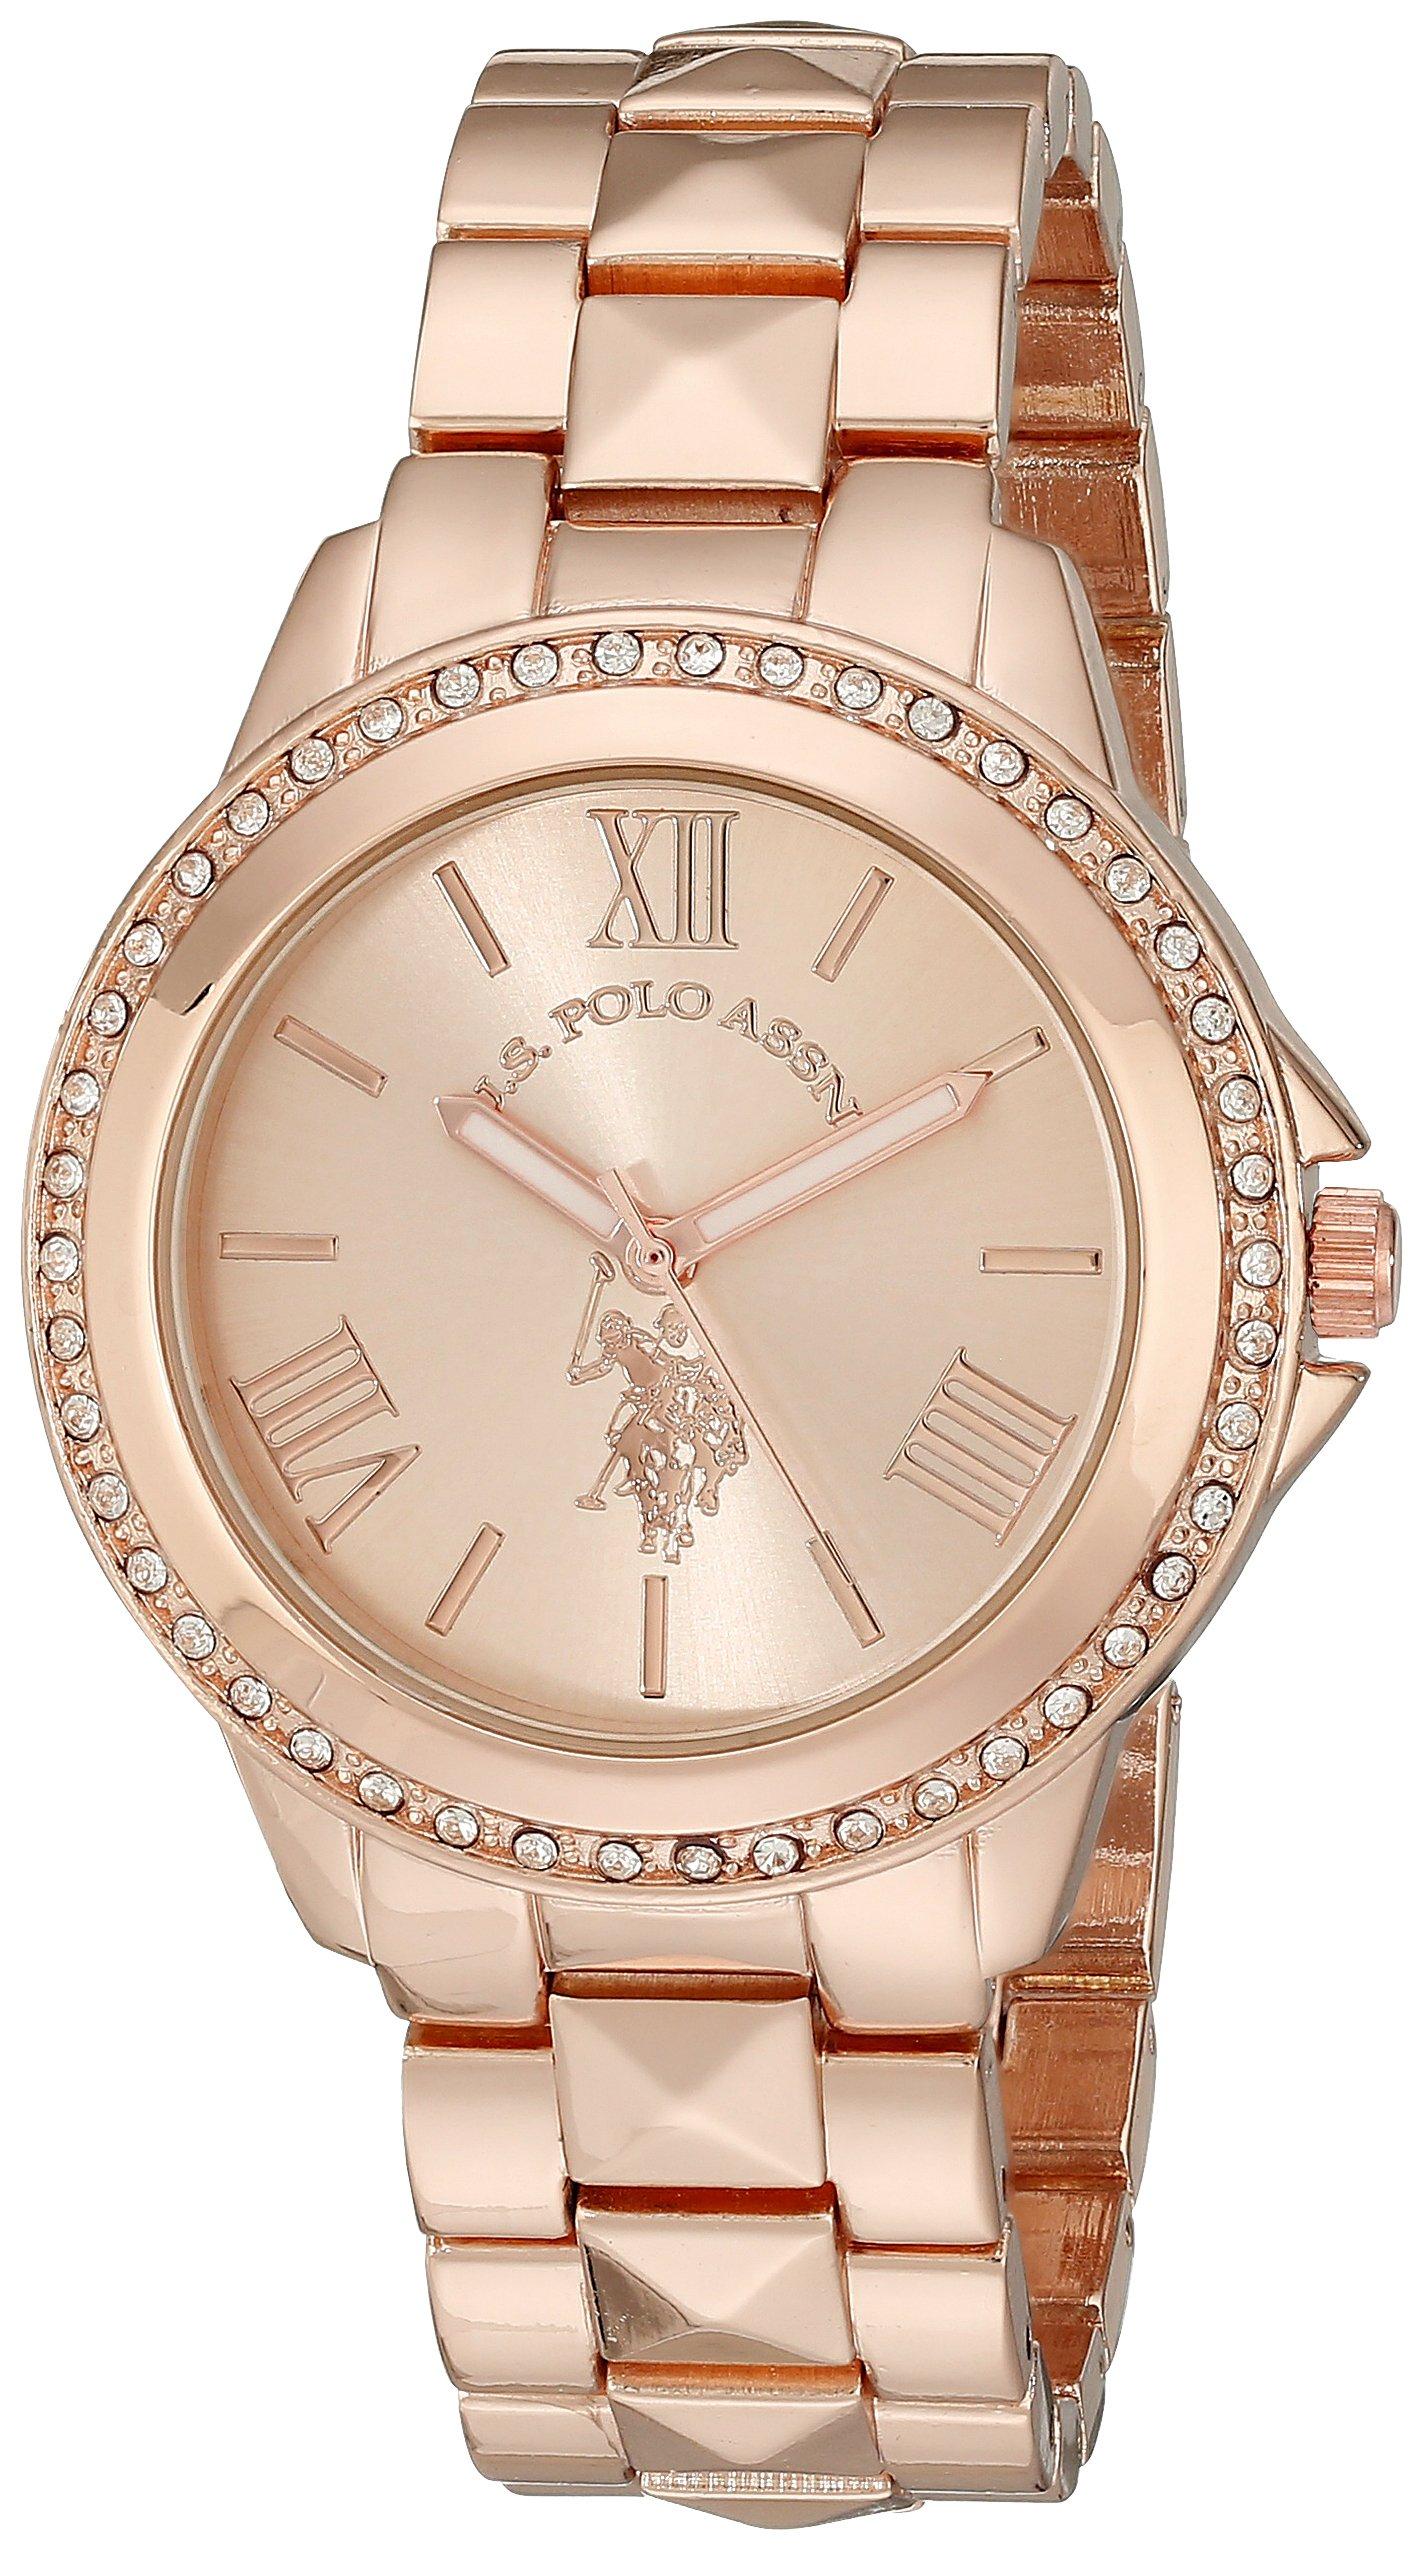 ساعت آنالوگ U.S. Polo Assn. ، ساعتی شیک و زیبا با قیمت مناسب.